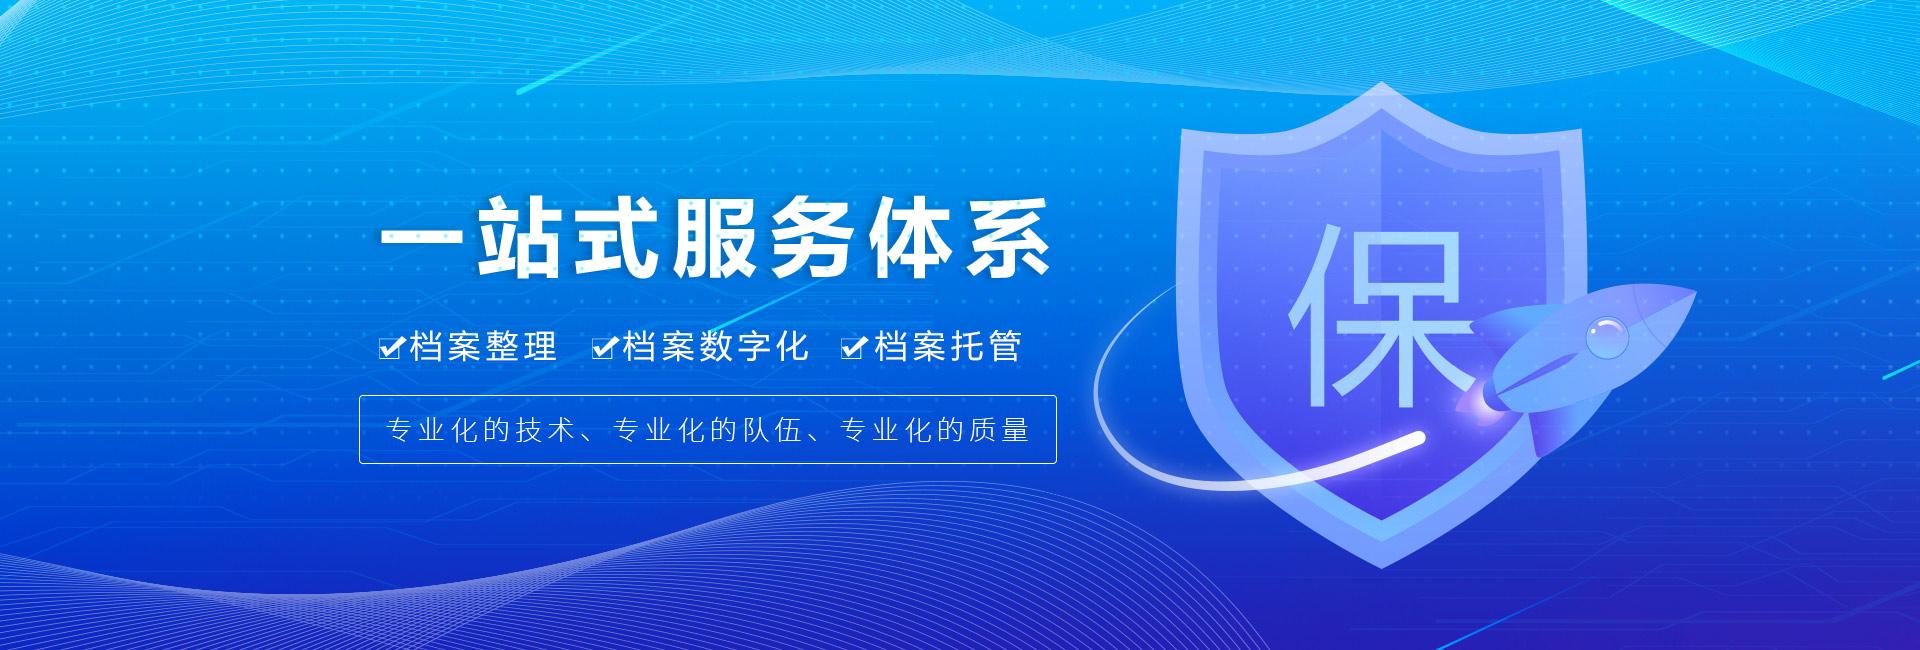 重庆档案整理公司